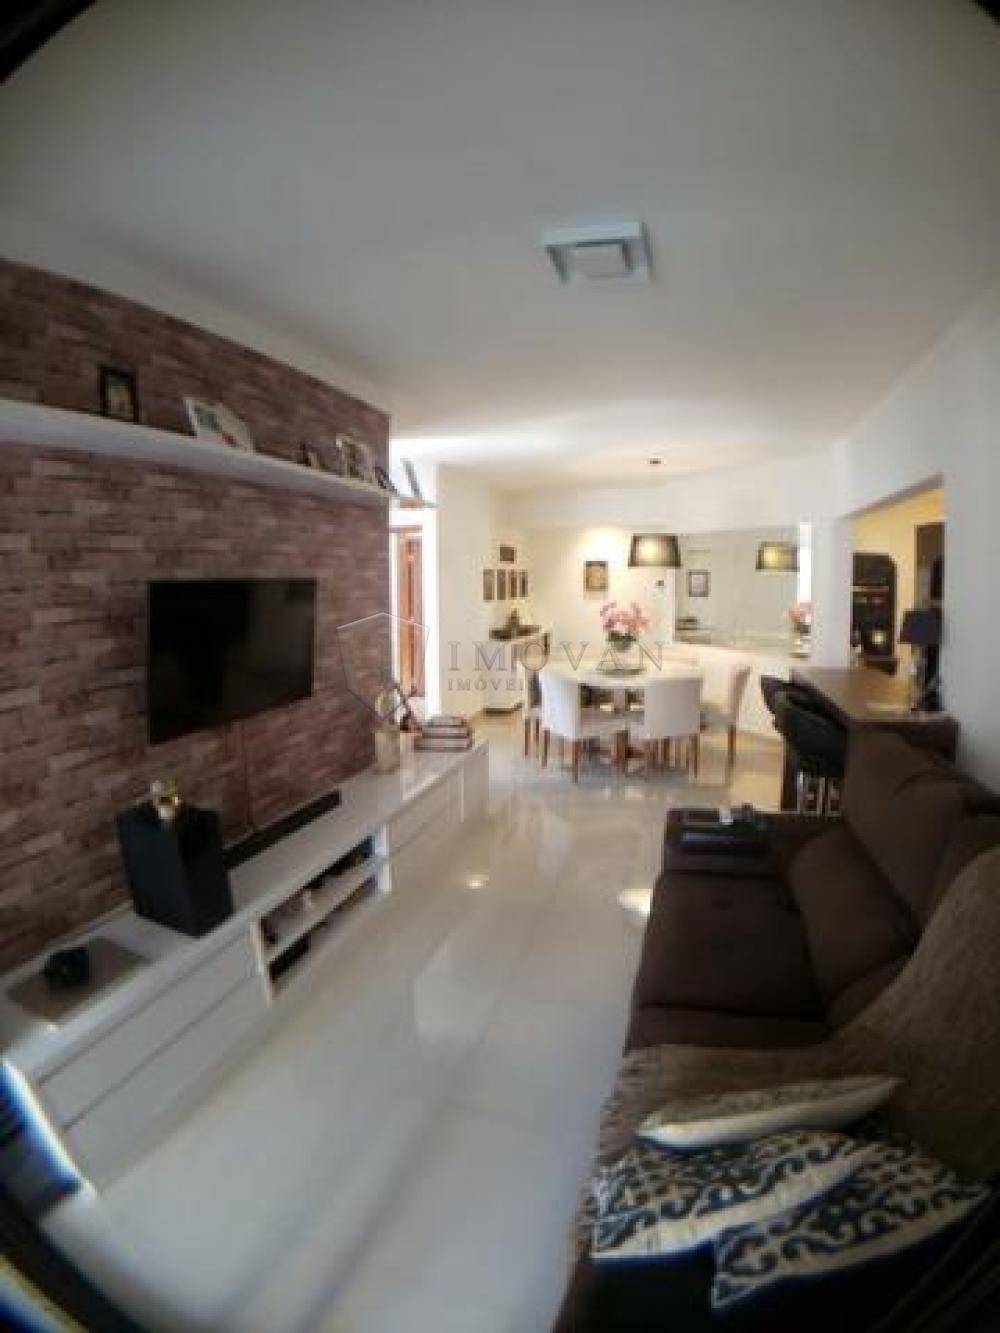 Comprar Apartamento / Padrão em Ribeirão Preto apenas R$ 580.000,00 - Foto 3